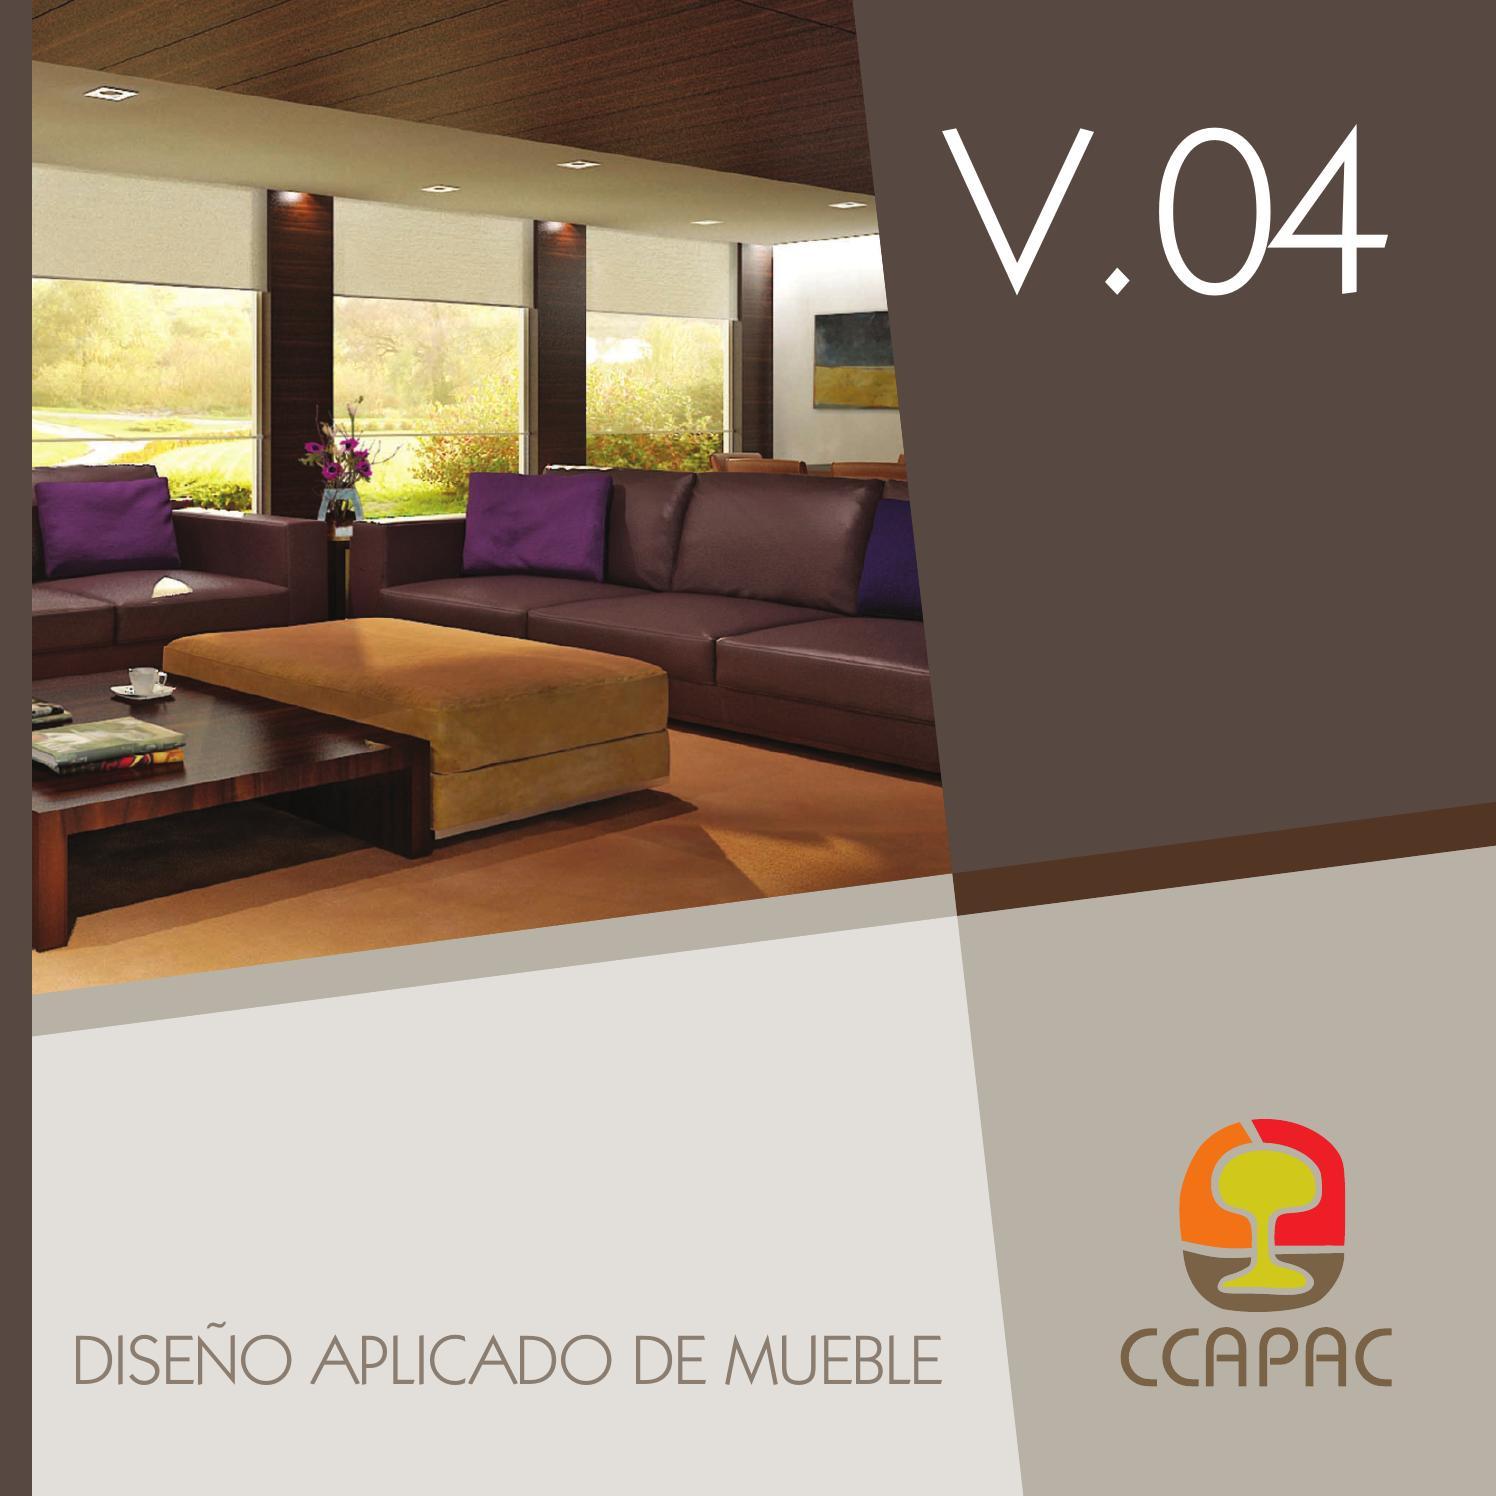 Catalogos de productos diseño aplicado al mueble by Instituto ...